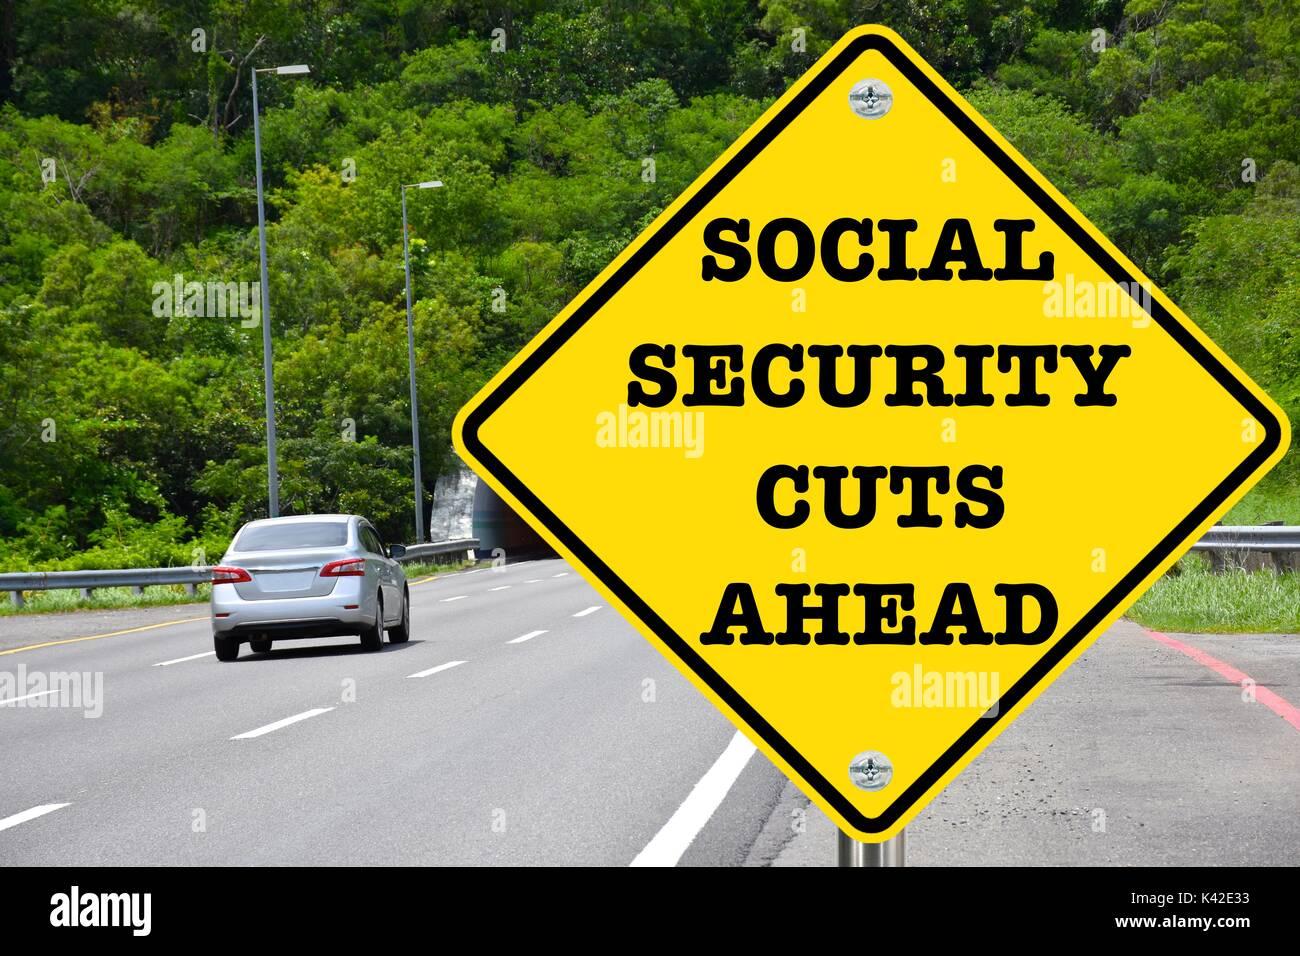 Los recortes de la seguridad social por delante, señales de advertencia amarillo Imagen De Stock